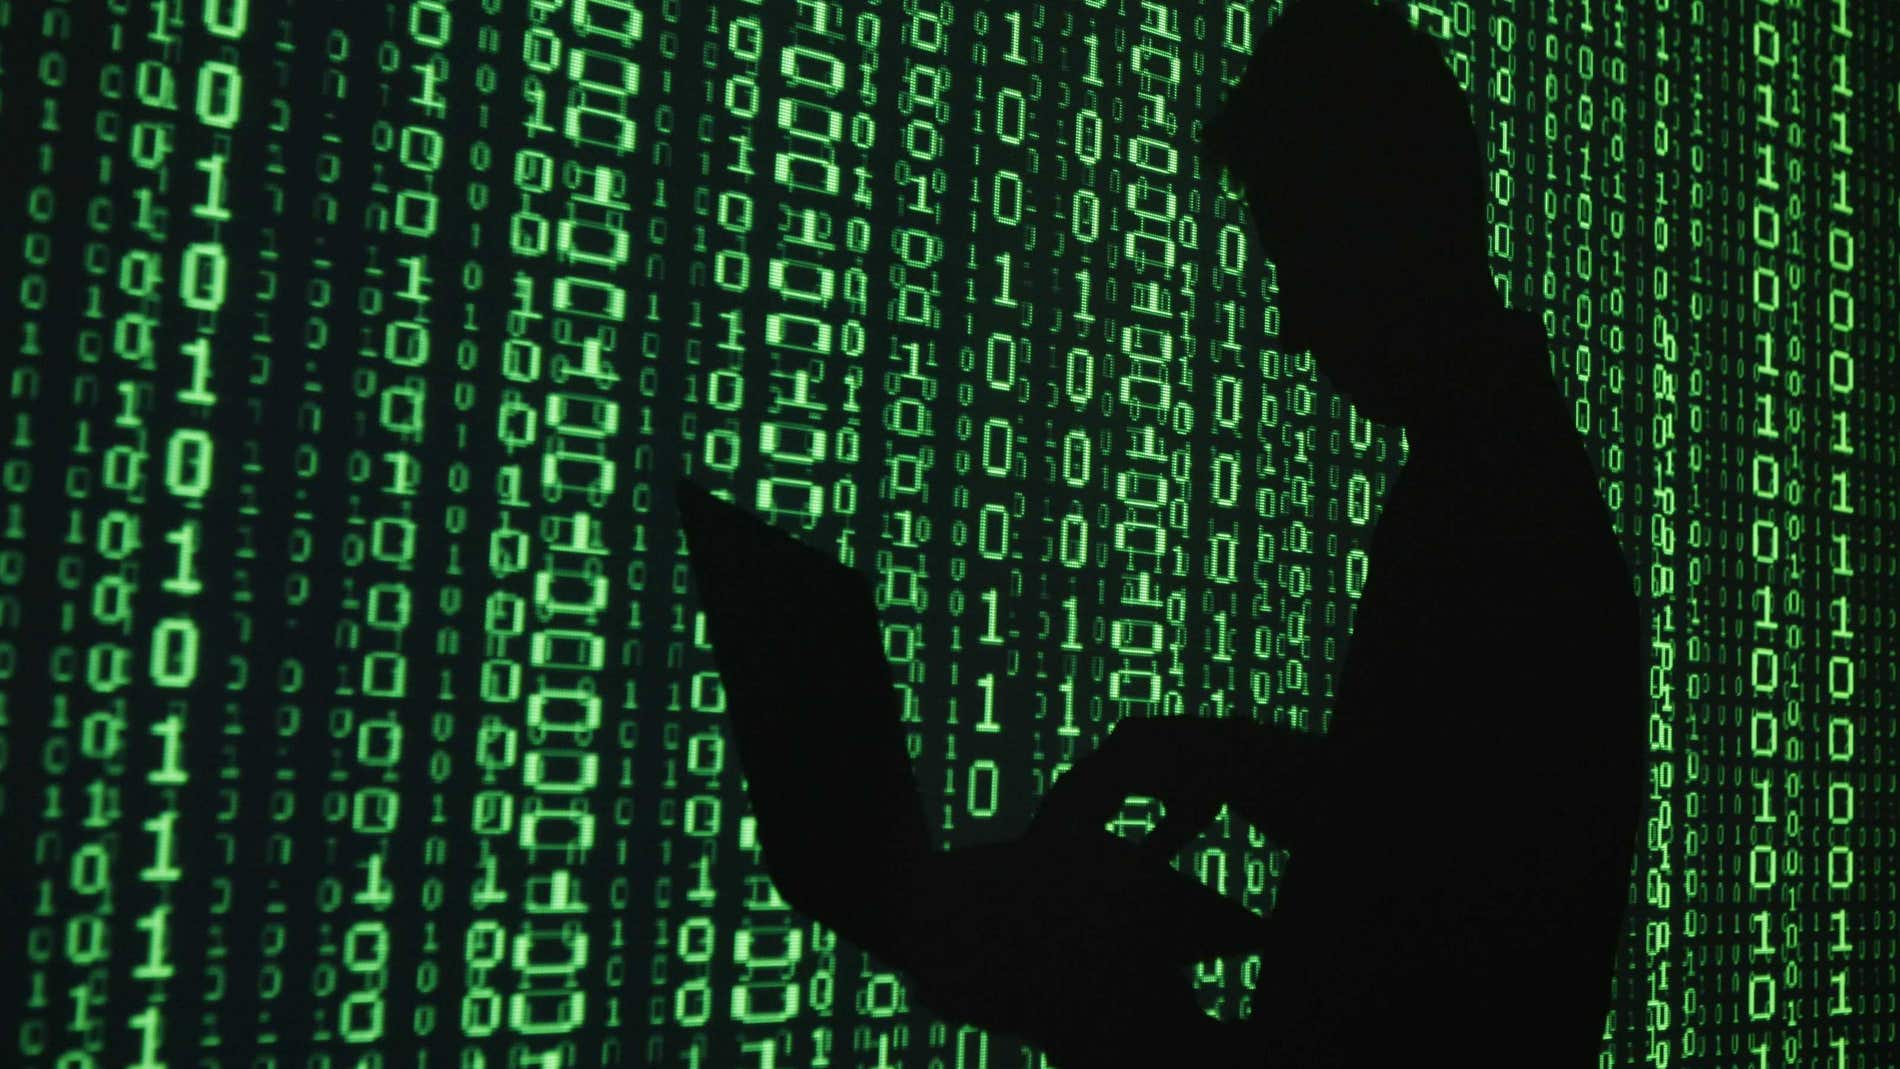 La lucha contra el espionaje online